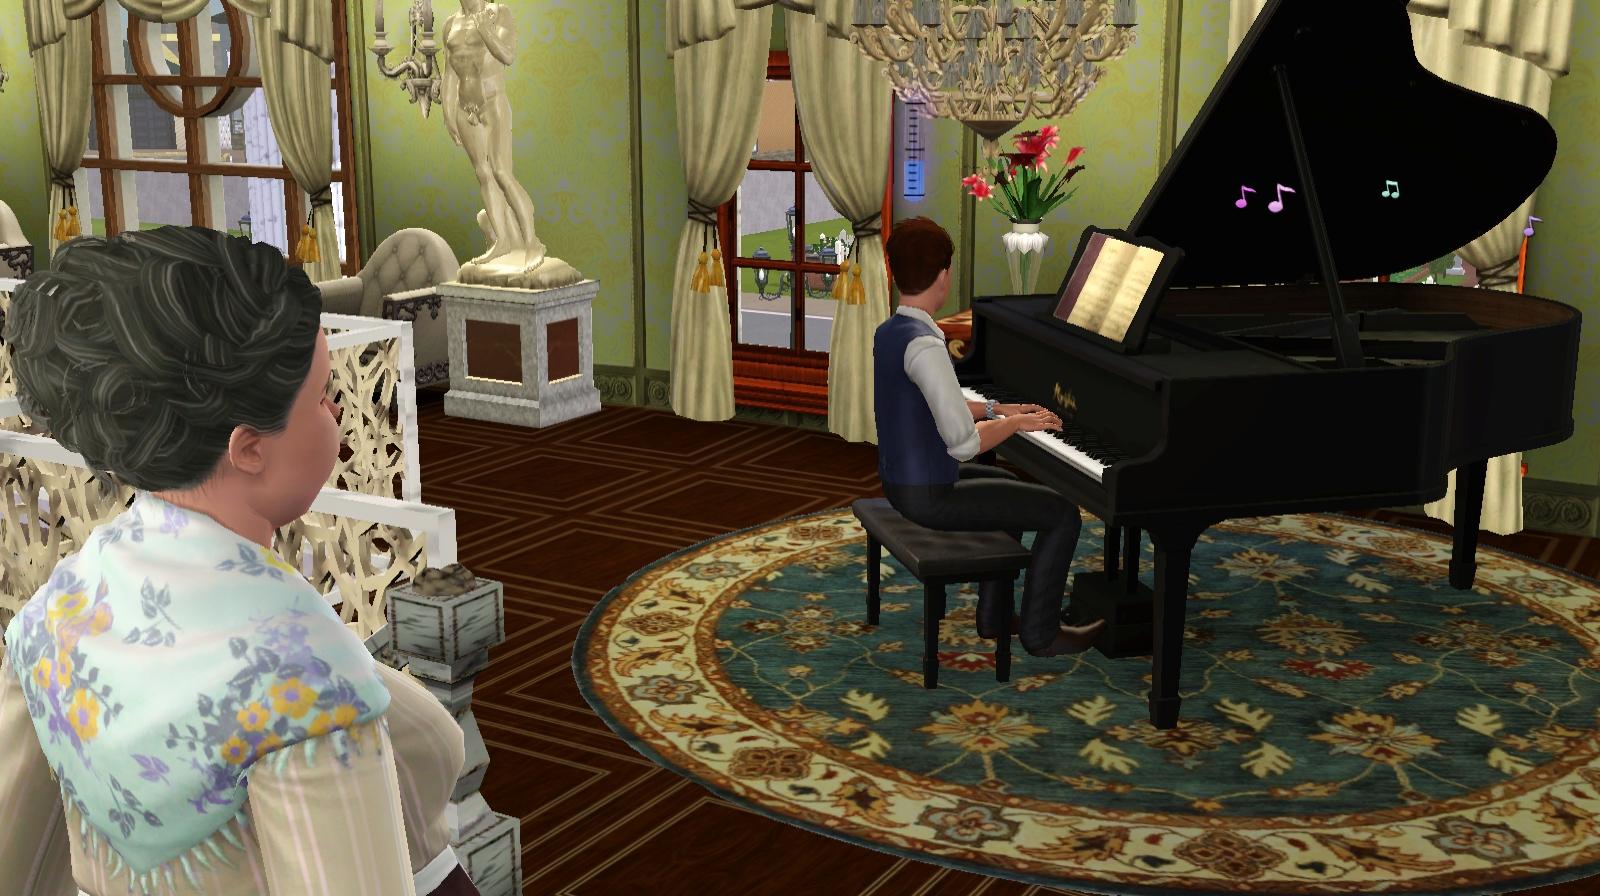 ジョーのピアノを聴くエマ